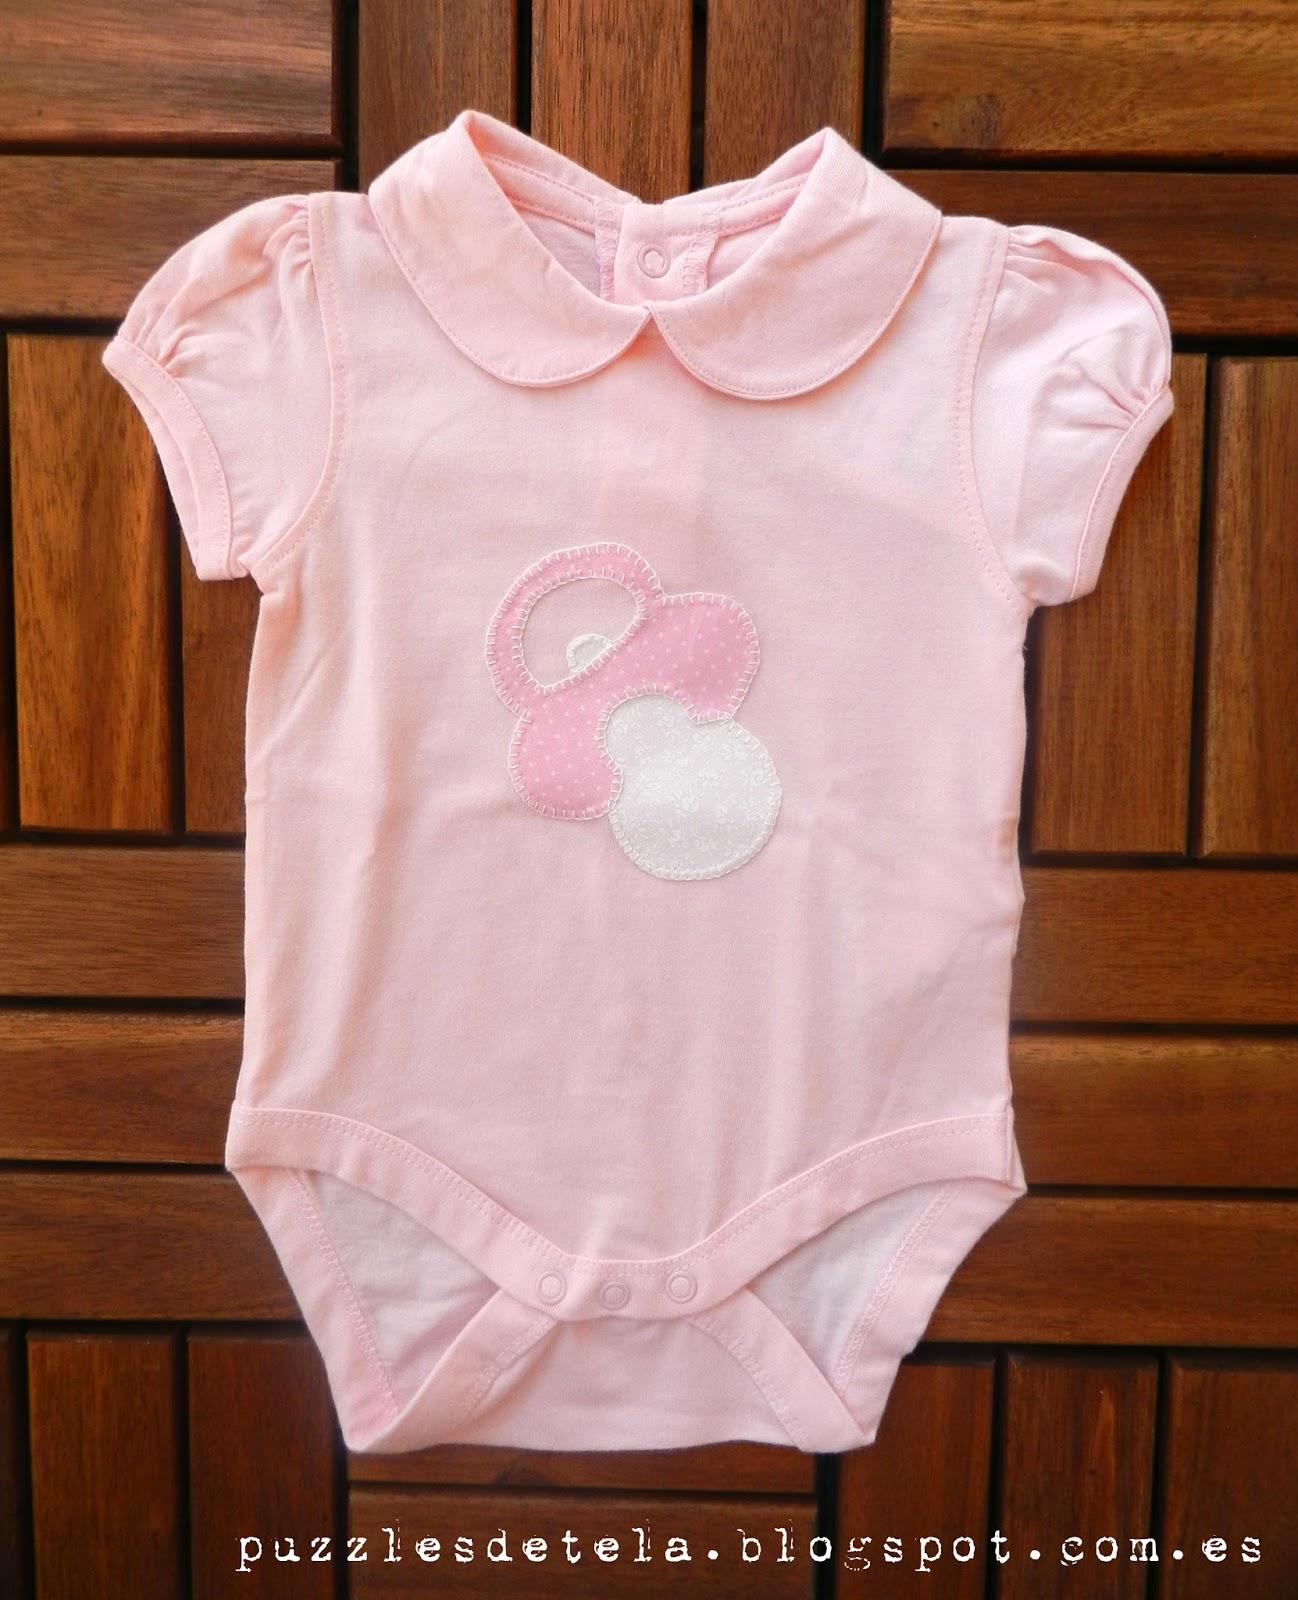 Bodys para bebés, bodys patchwork, ropa de bebés, patchwork, puzzles de tela,handmade, hecho a mano, bodys niña hecho a mano.